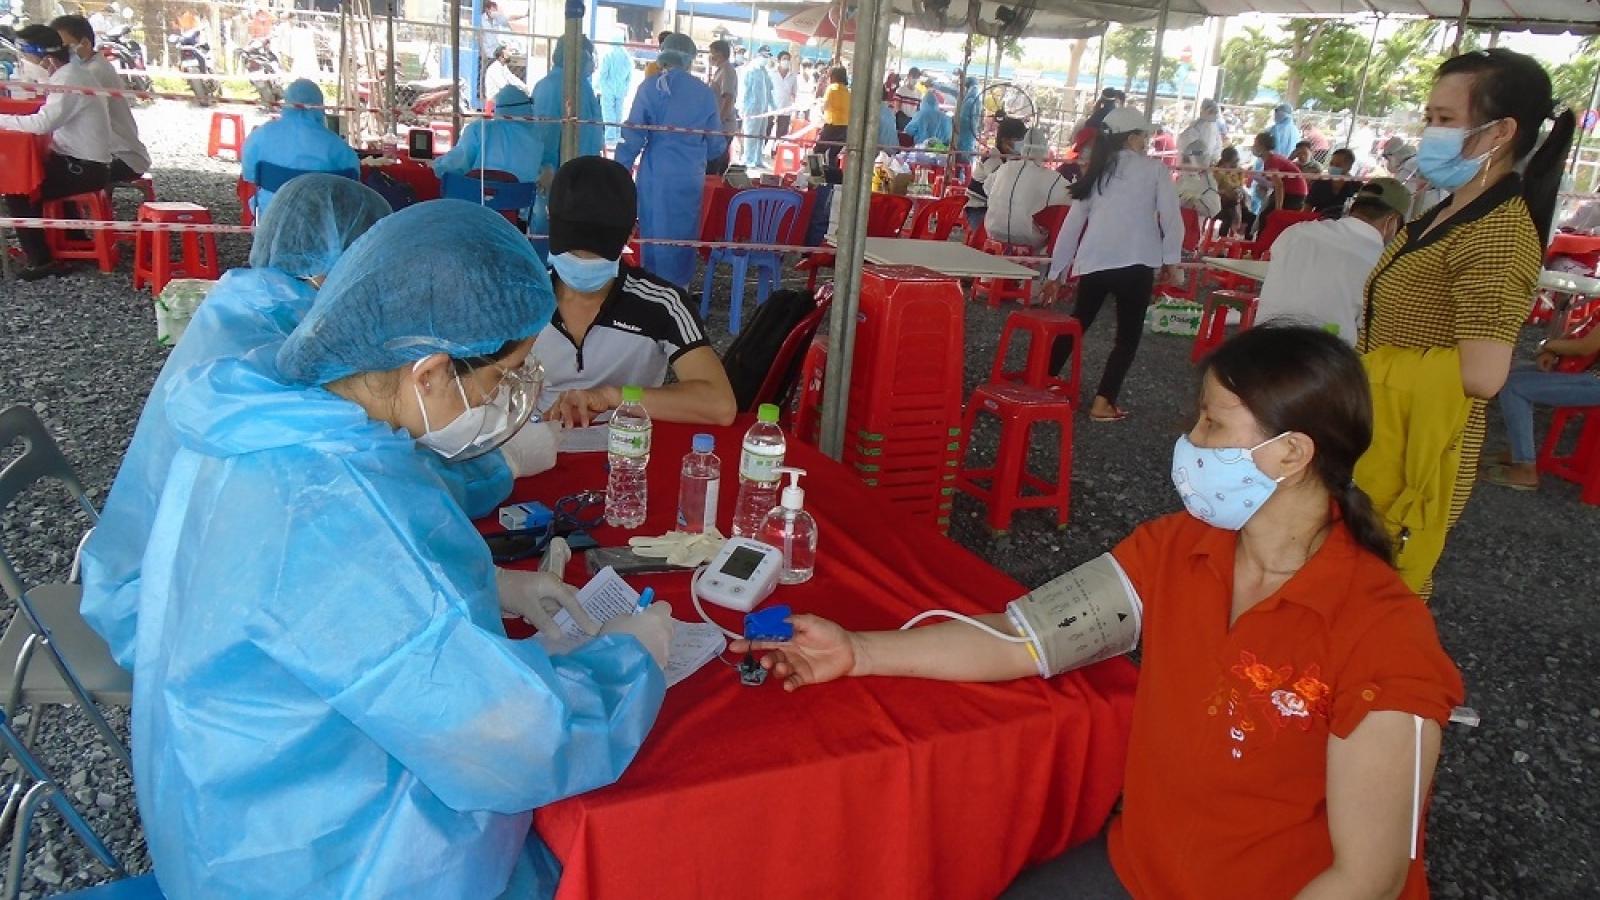 TP.HCM tạm ngưng mua bán trực tiếp tại chợ đầu mối Bình Điền